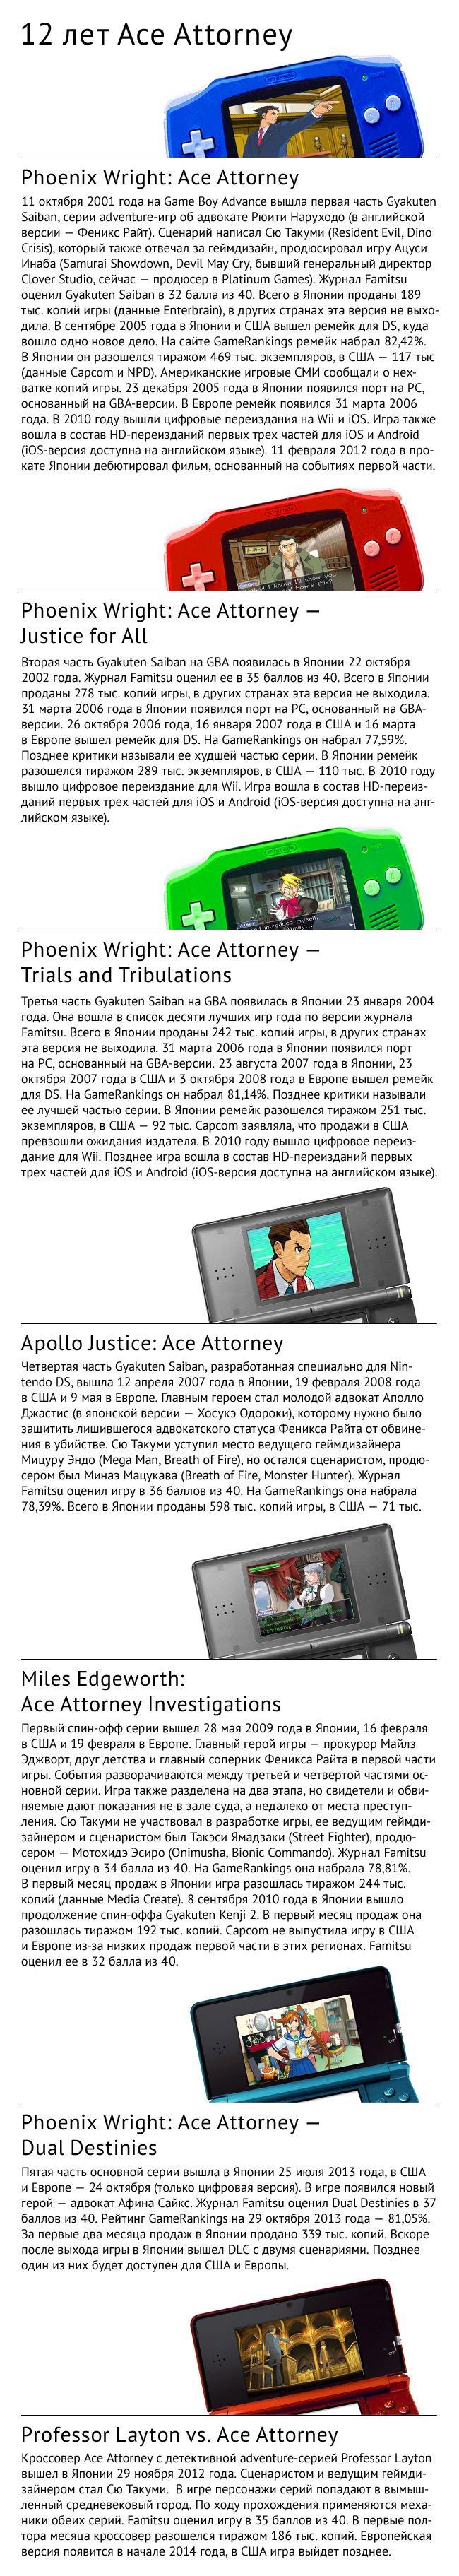 Рецензия на Phoenix Wright: Ace Attorney - Dual Destinies | Канобу - Изображение 0